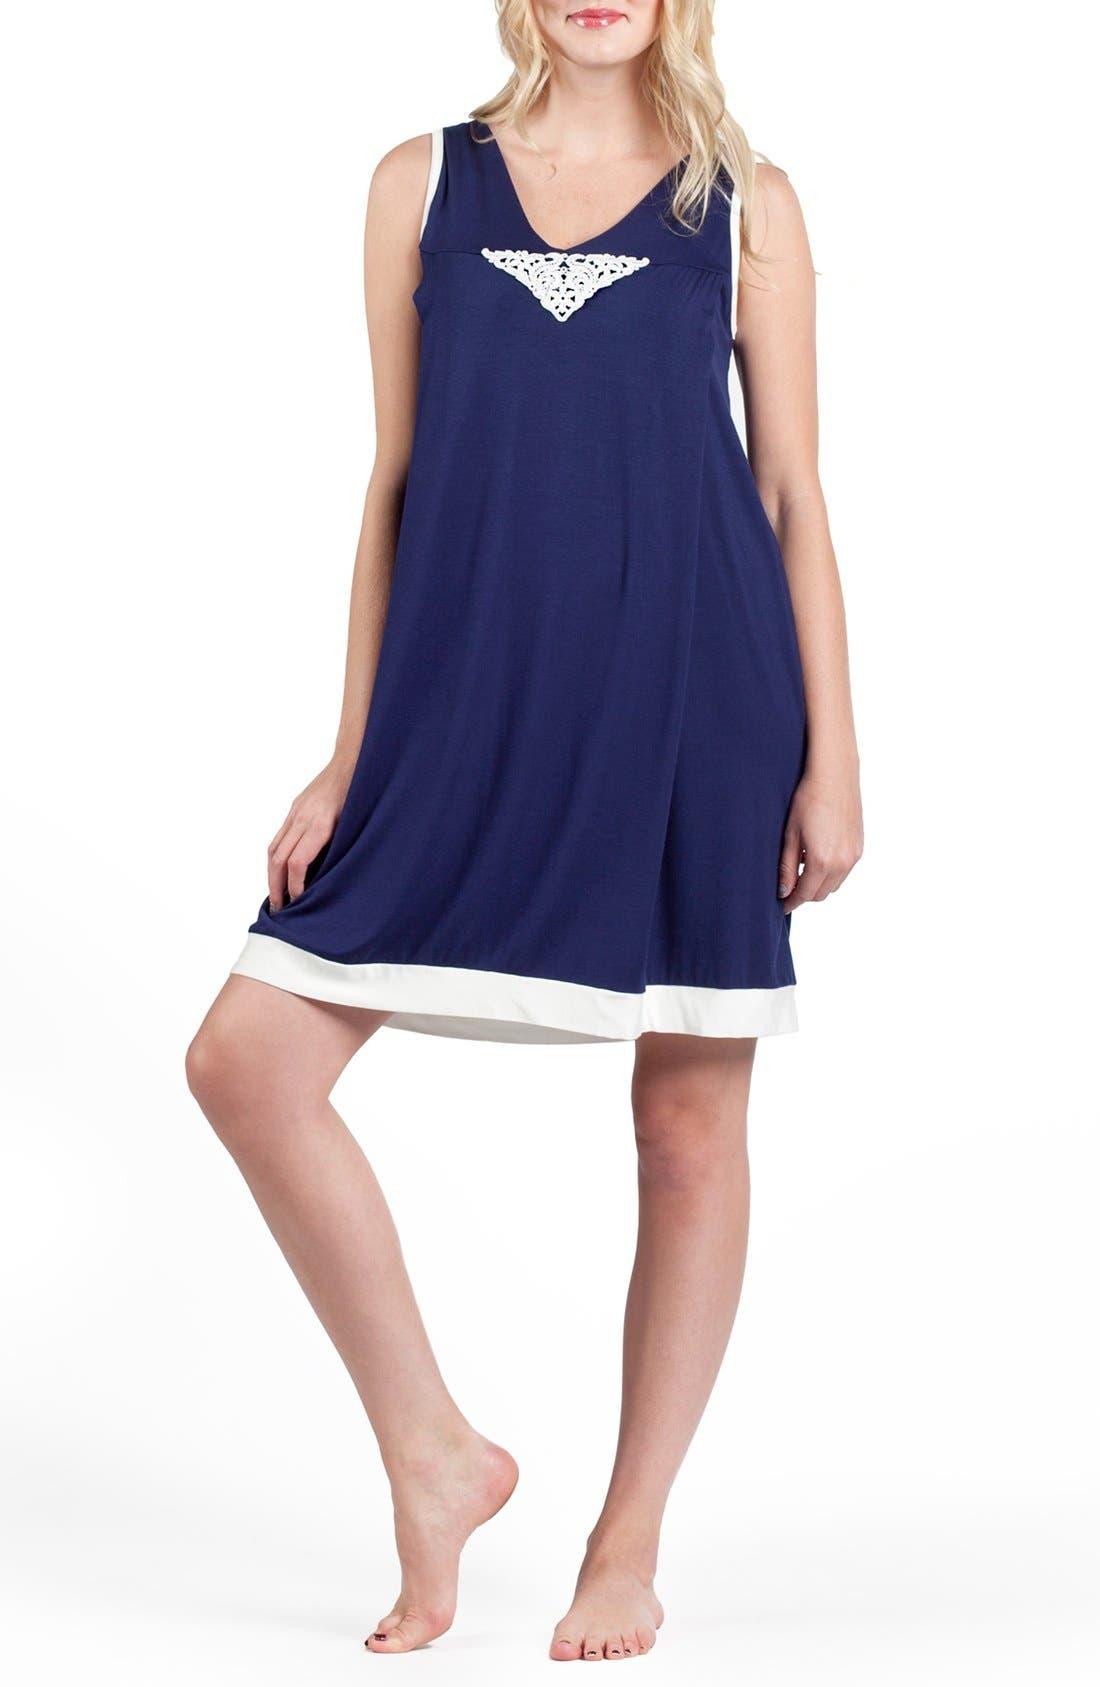 Savi Mom Sleeveless Maternity/Nursing Nightgown